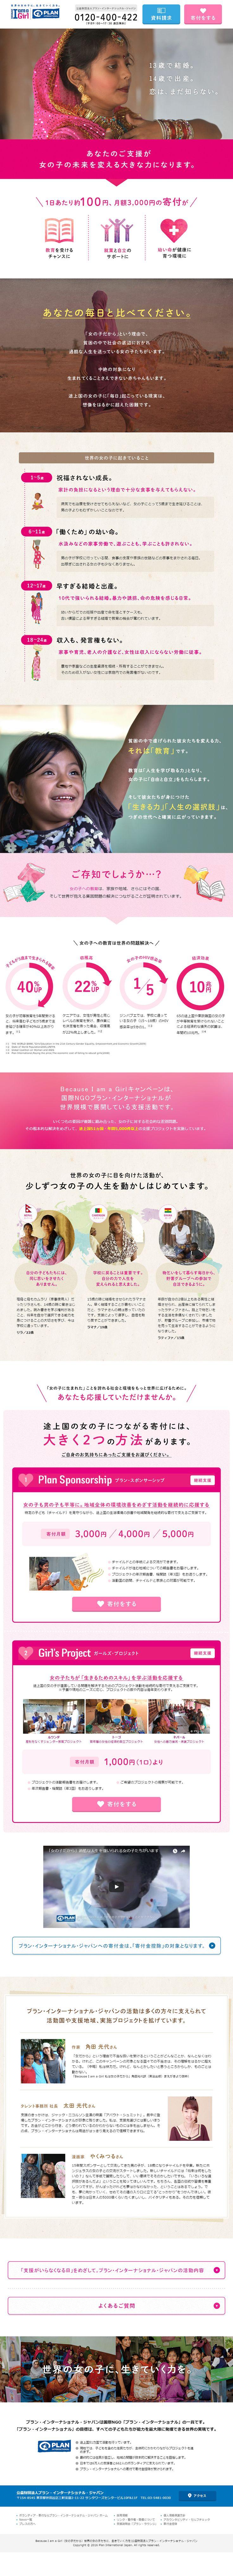 Because I am a Girlキャンペーン WEBデザイナーさん必見!ランディングページのデザイン参考に(かわいい系)